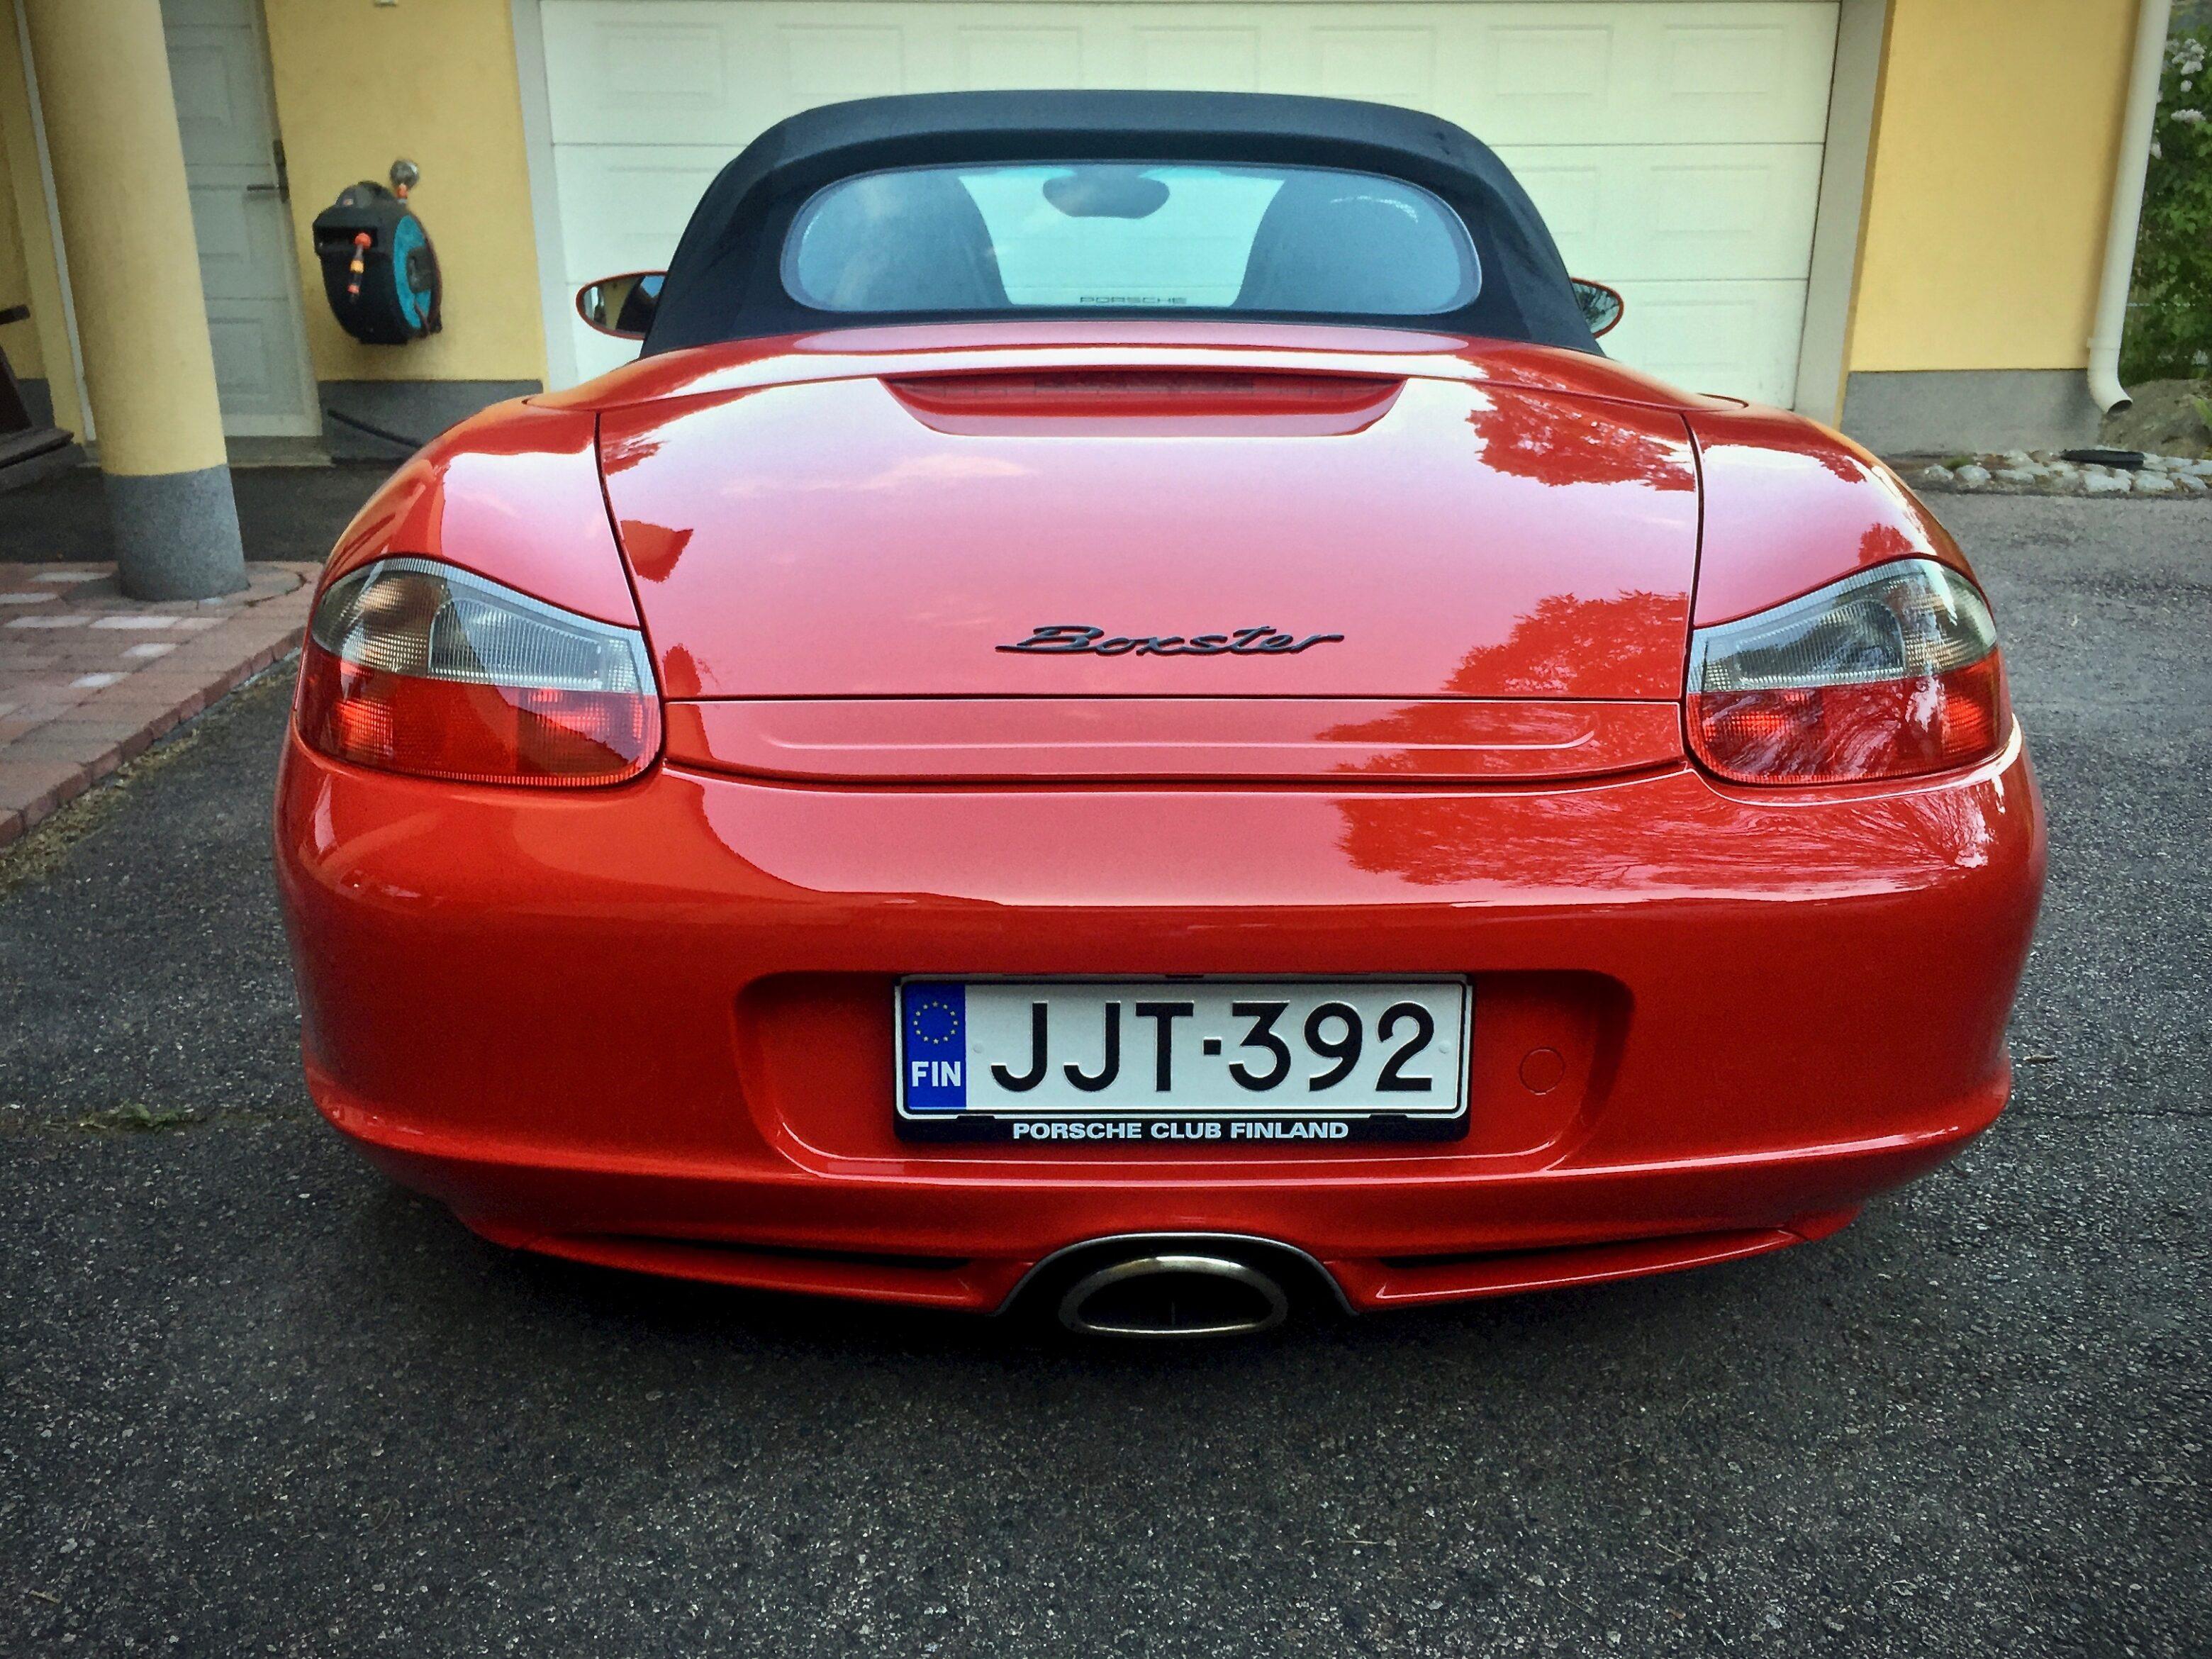 Myytävänä Porsche Boxster 986 Facelift manuaali kuomu taka